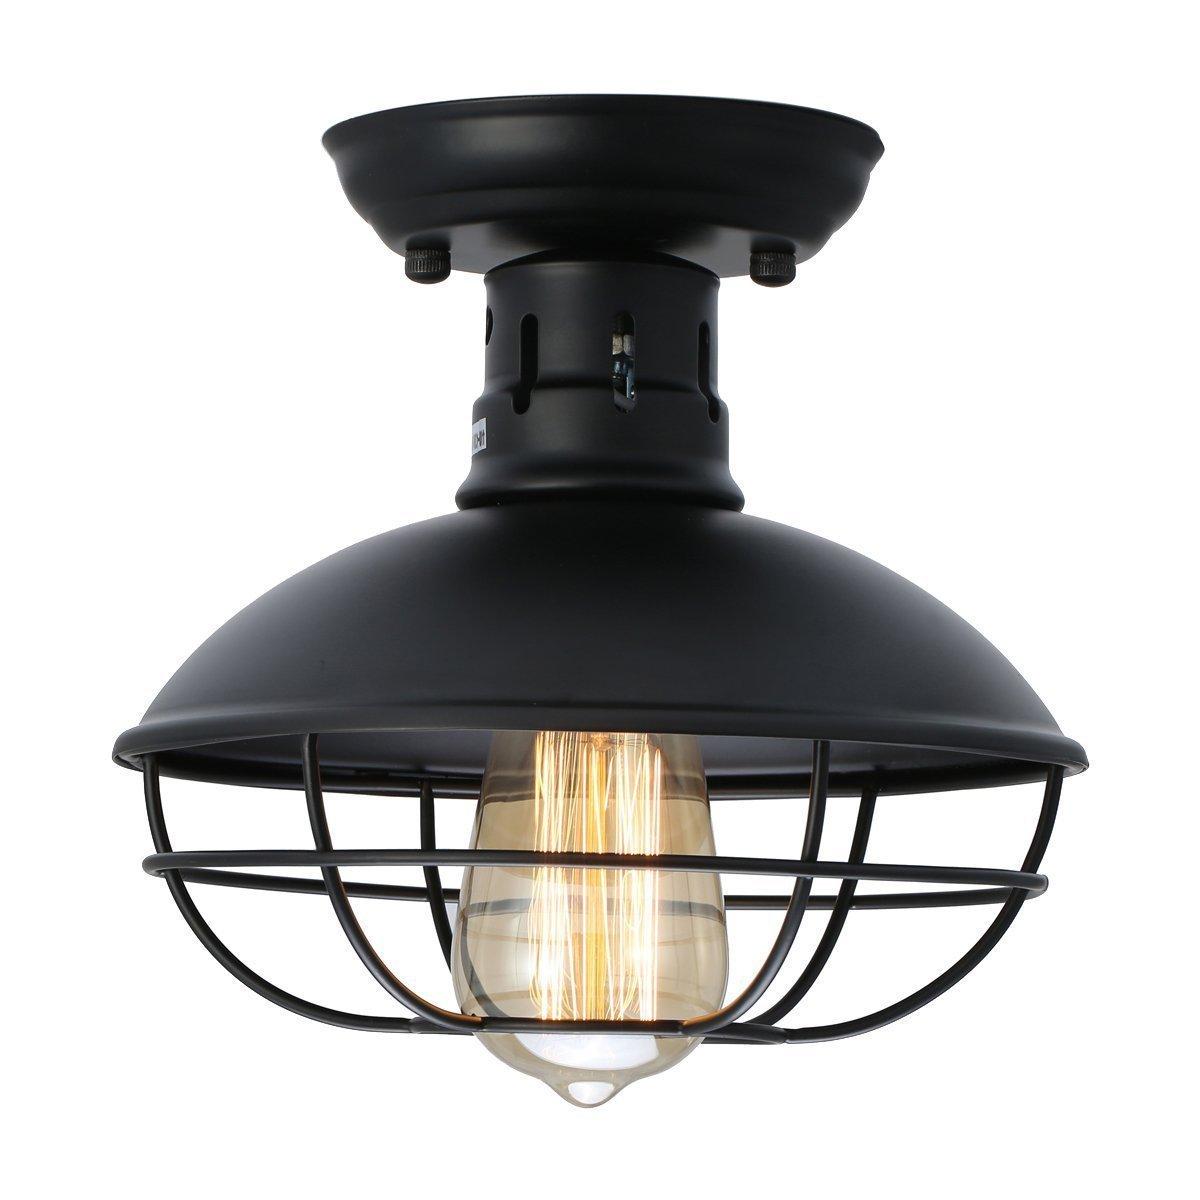 WEN Industrielle Metallkäfig-Deckenleuchte, E27 rustikale halb errichtete angebrachte hängende Beleuchtungs-Haube Schüssel-geformte Lampen-Befestigung für Land-Halle-Küche-Garagen-Portal-Badezimmer